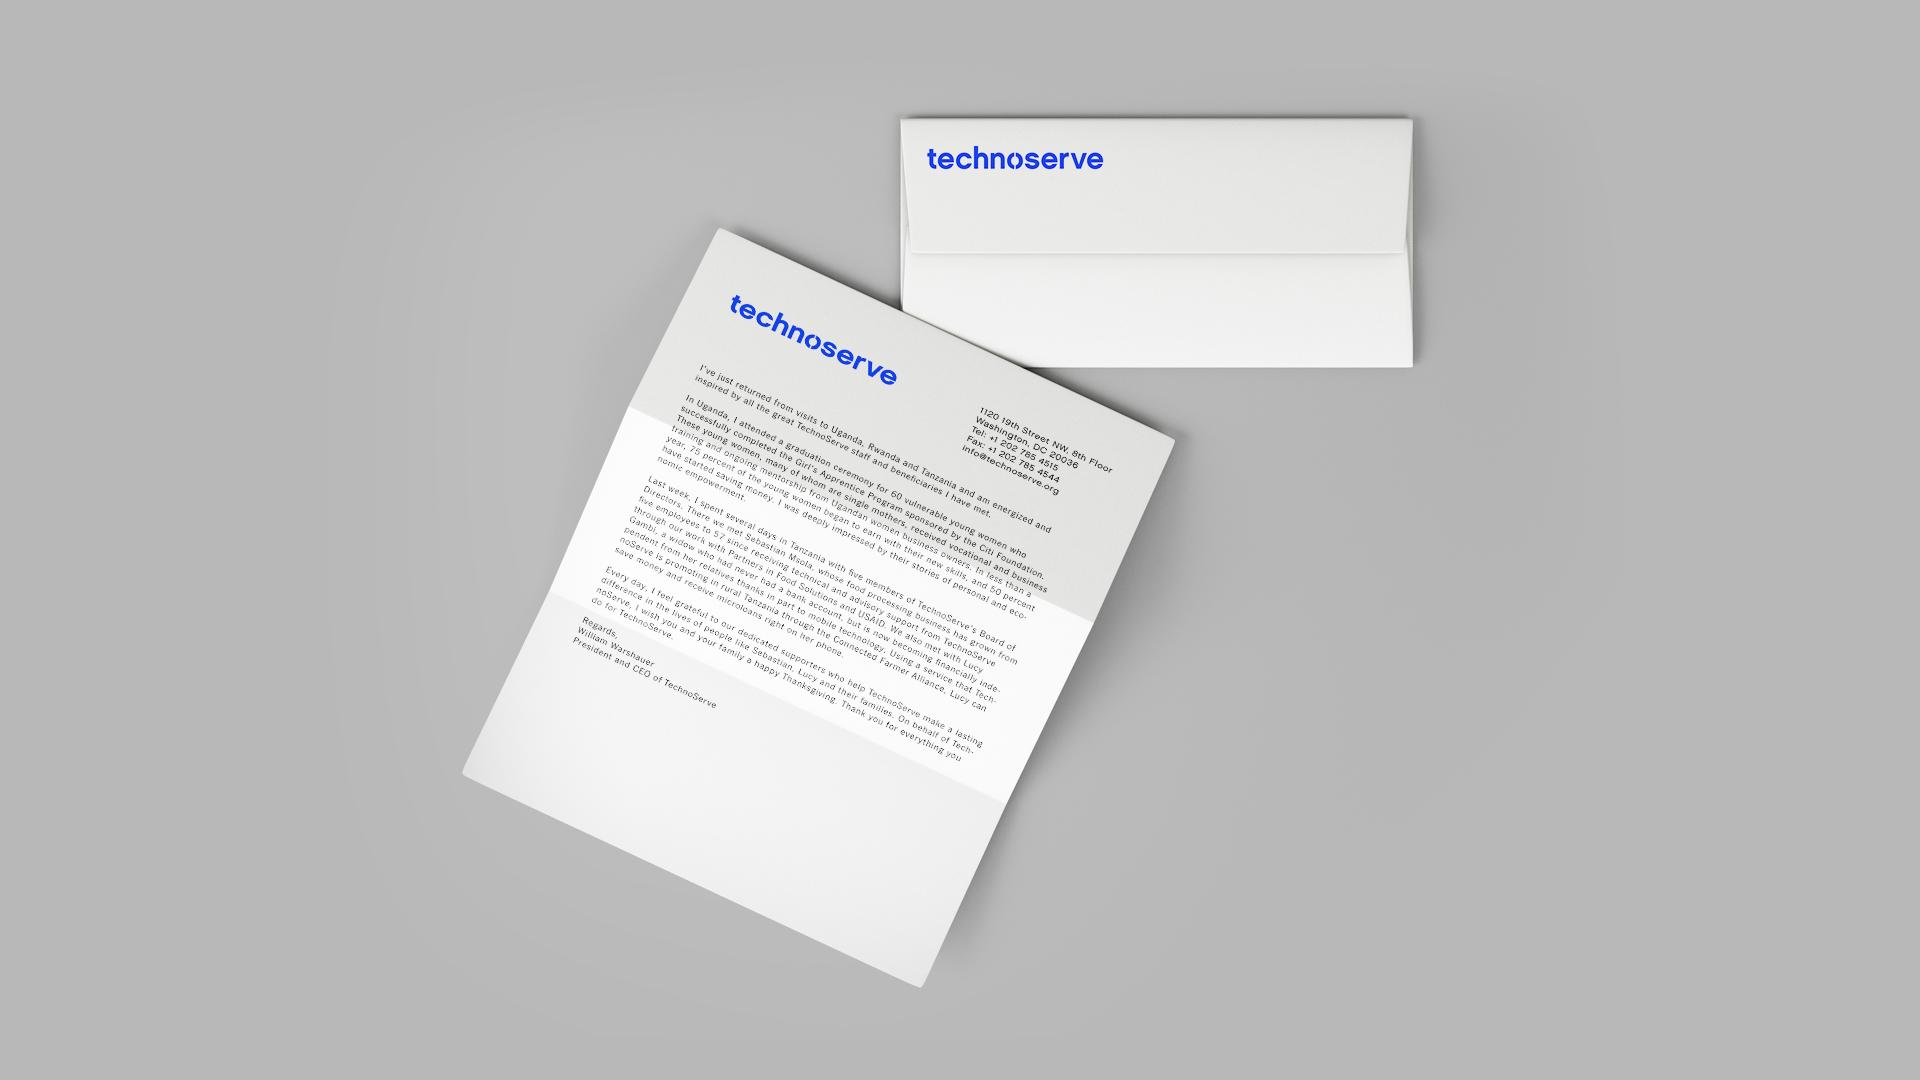 technoserve_letterhead.jpg